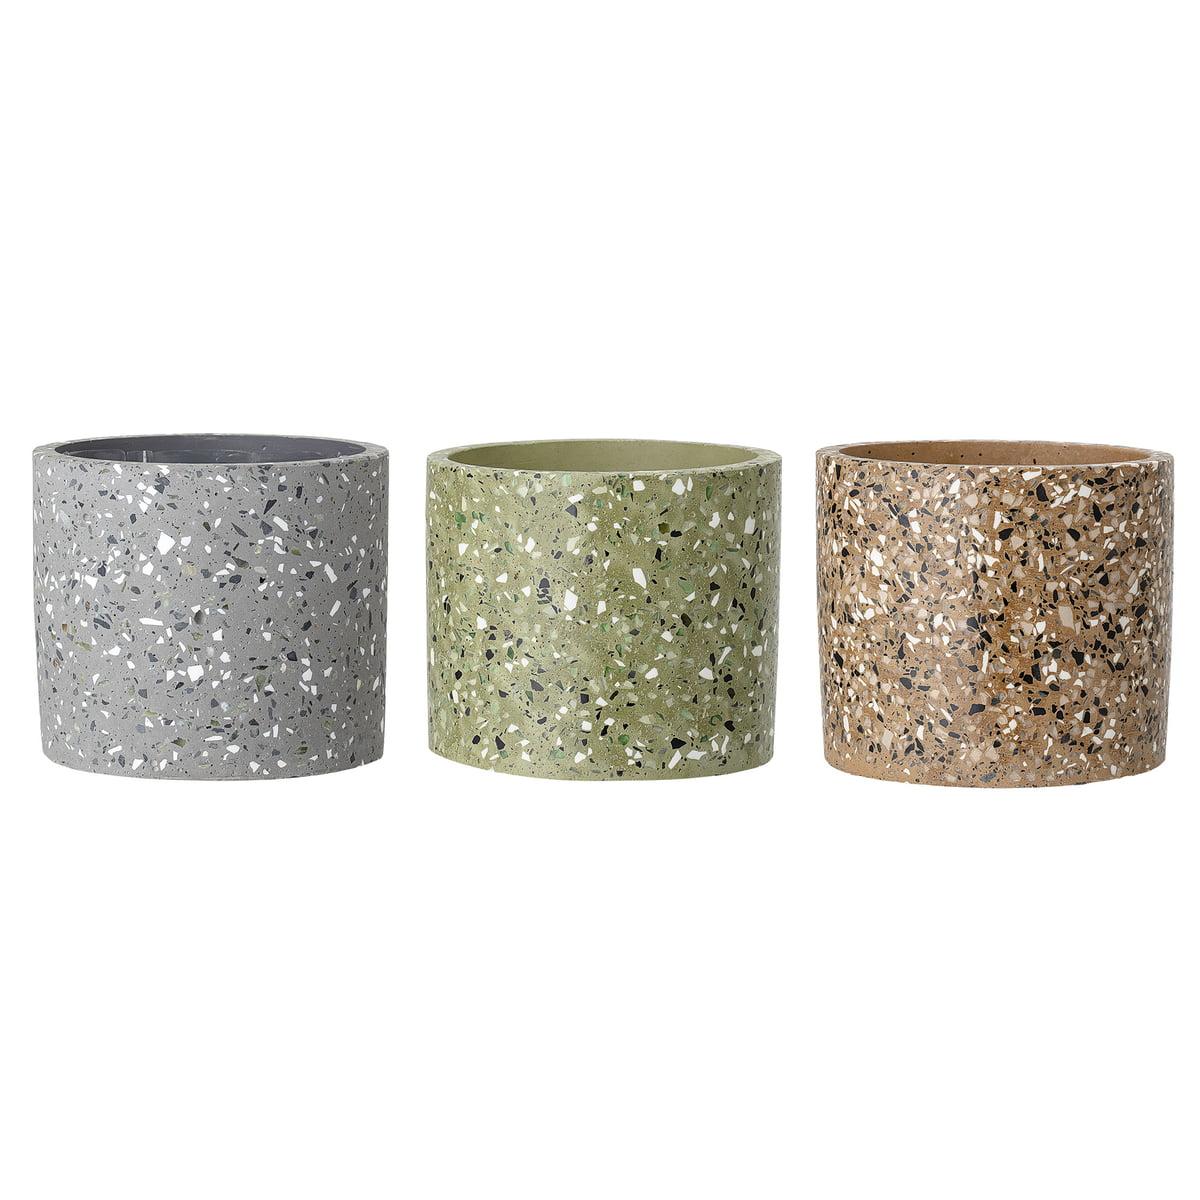 Concrete flower pots from Bloomingville Ø 14 x H 13 cm multi-color  sc 1 st  Connox Interior Design Shop & Bloomingville - Concrete flower pots | Connox